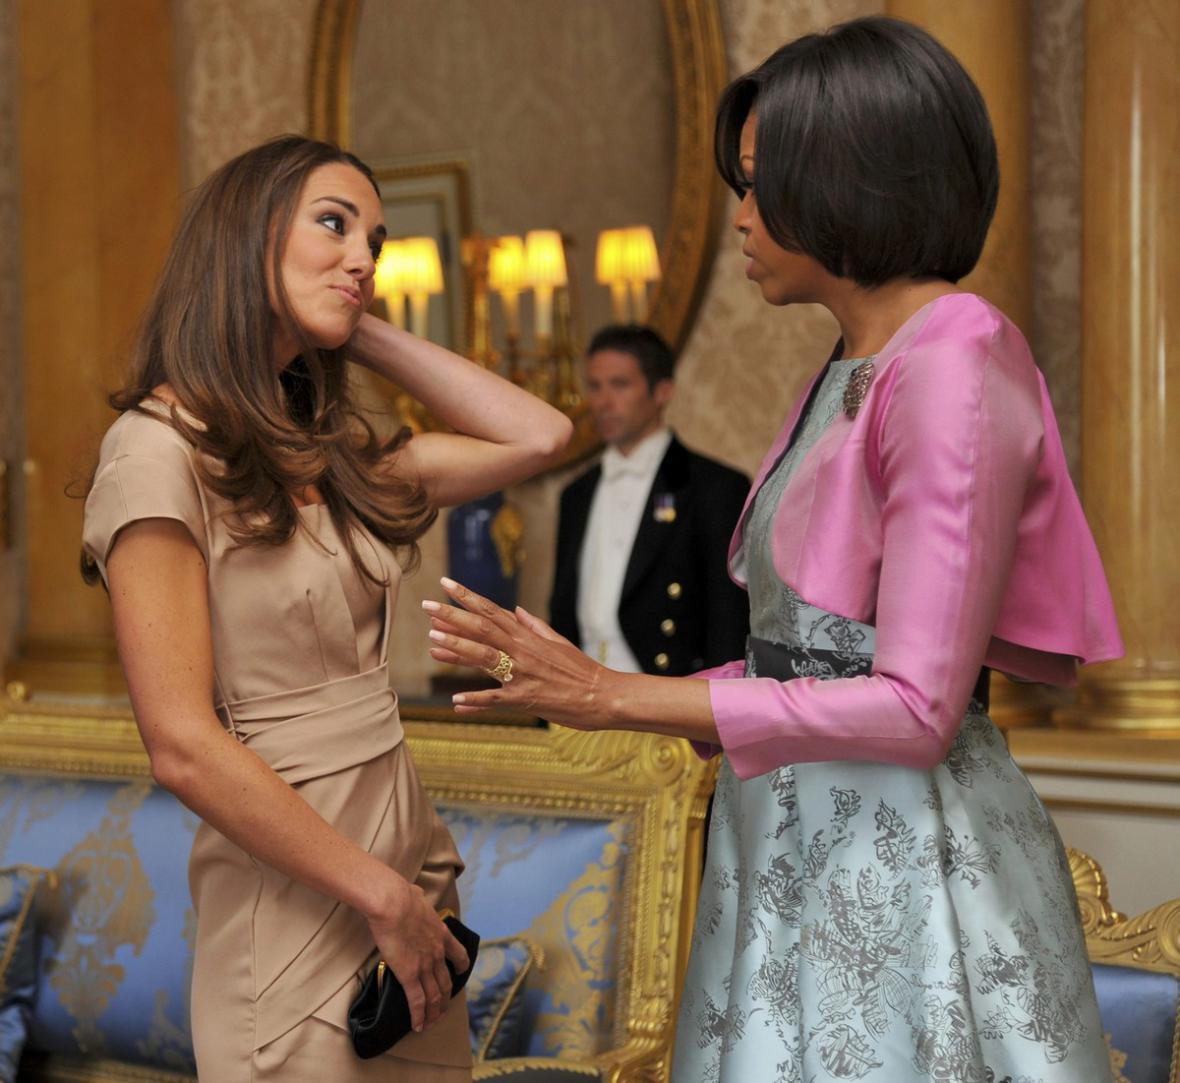 Michelle Obamová si popovídala s vévodkyní Catherine